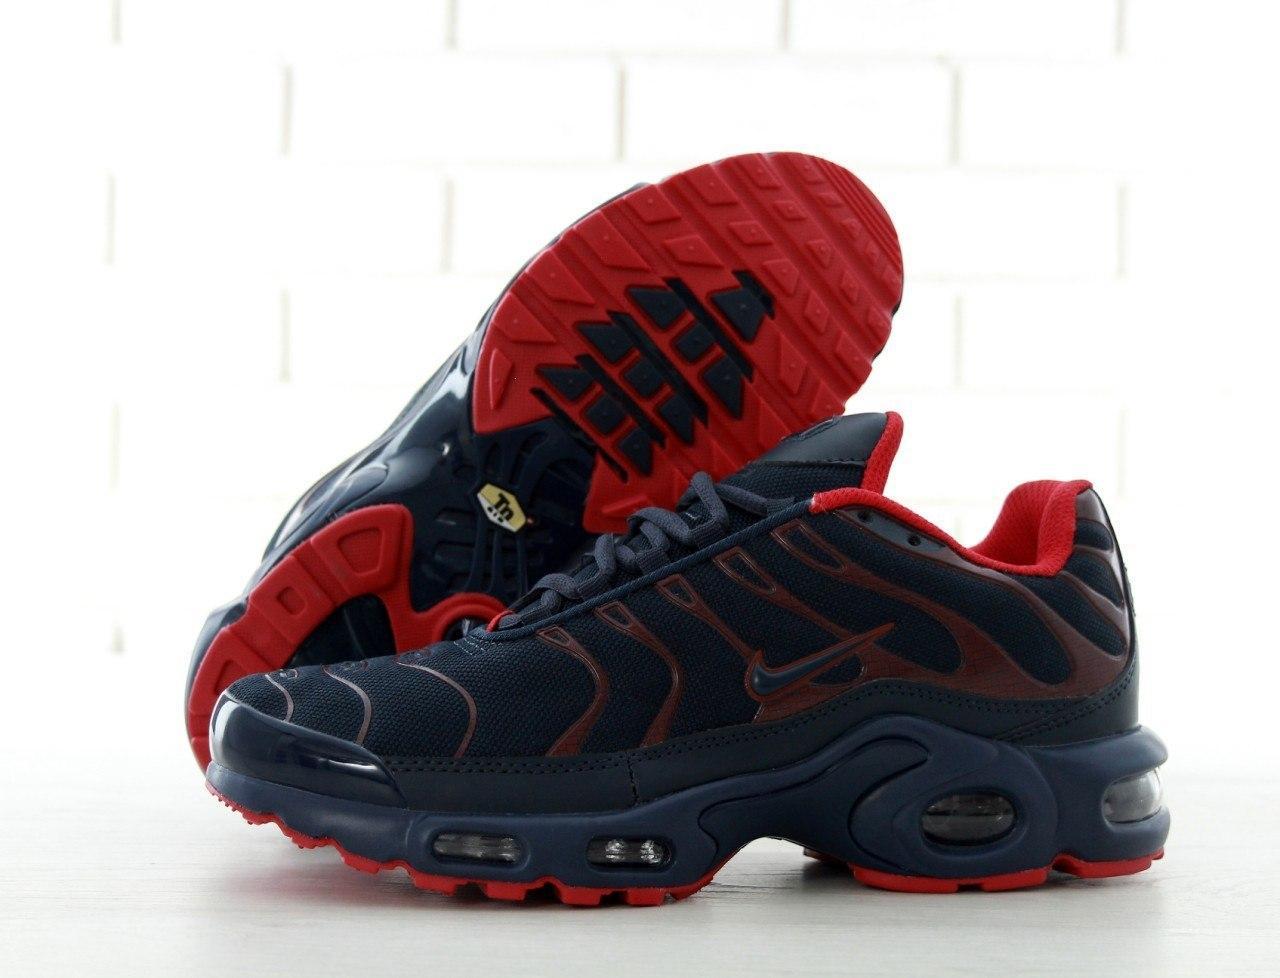 f7deffe4 ... Кроссовки мужские Nike Air Max TN весенние стильные спортивные на  каждый день (синие), ...